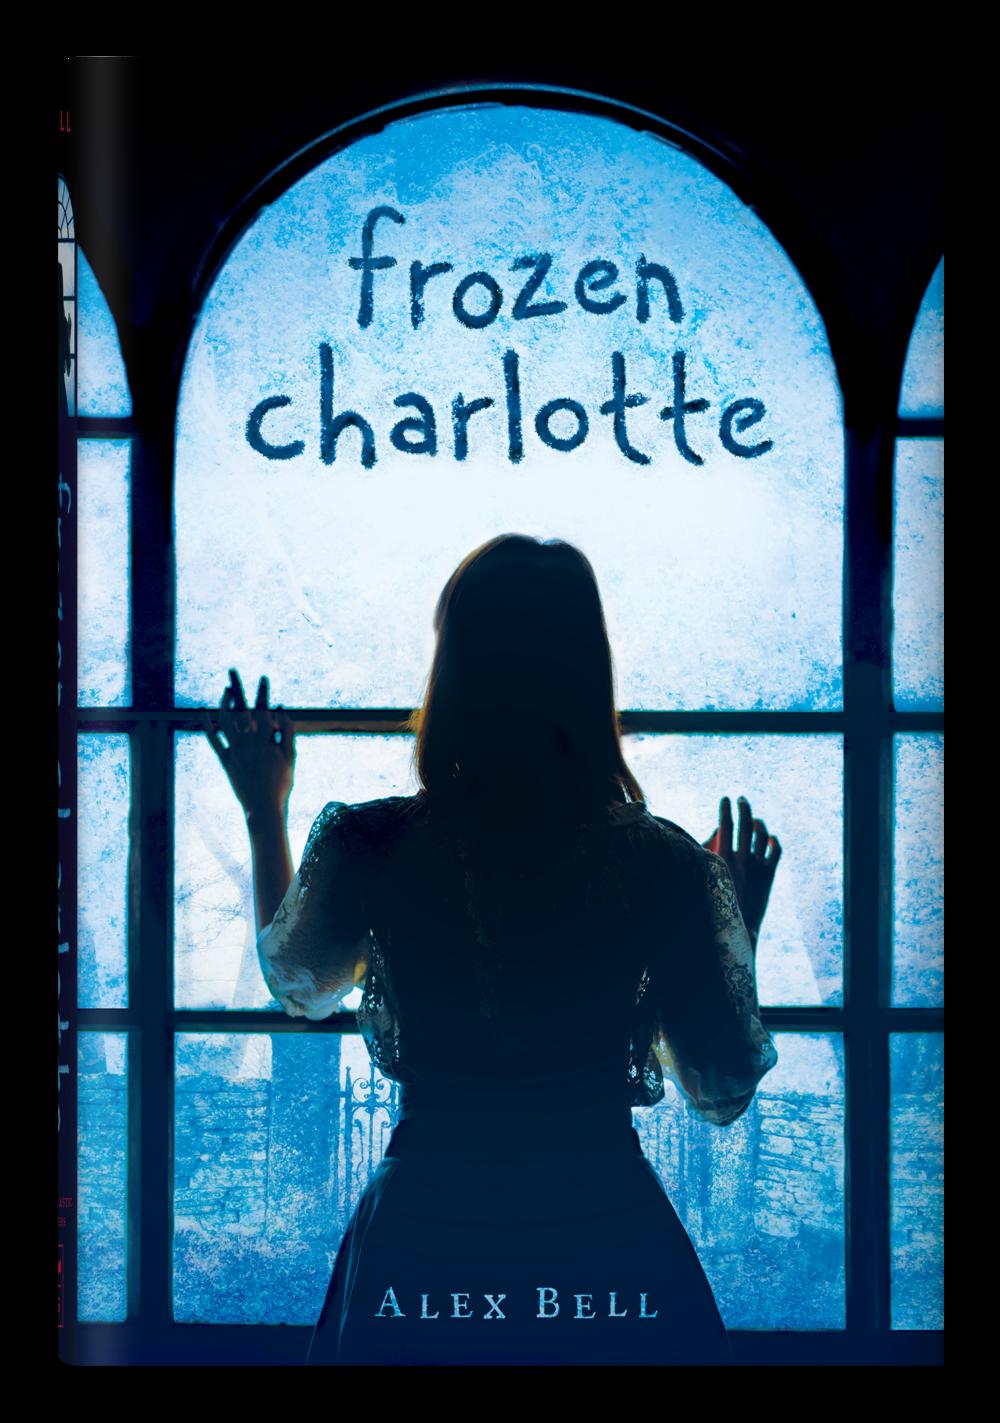 frozencharlotte_mockup_front.png